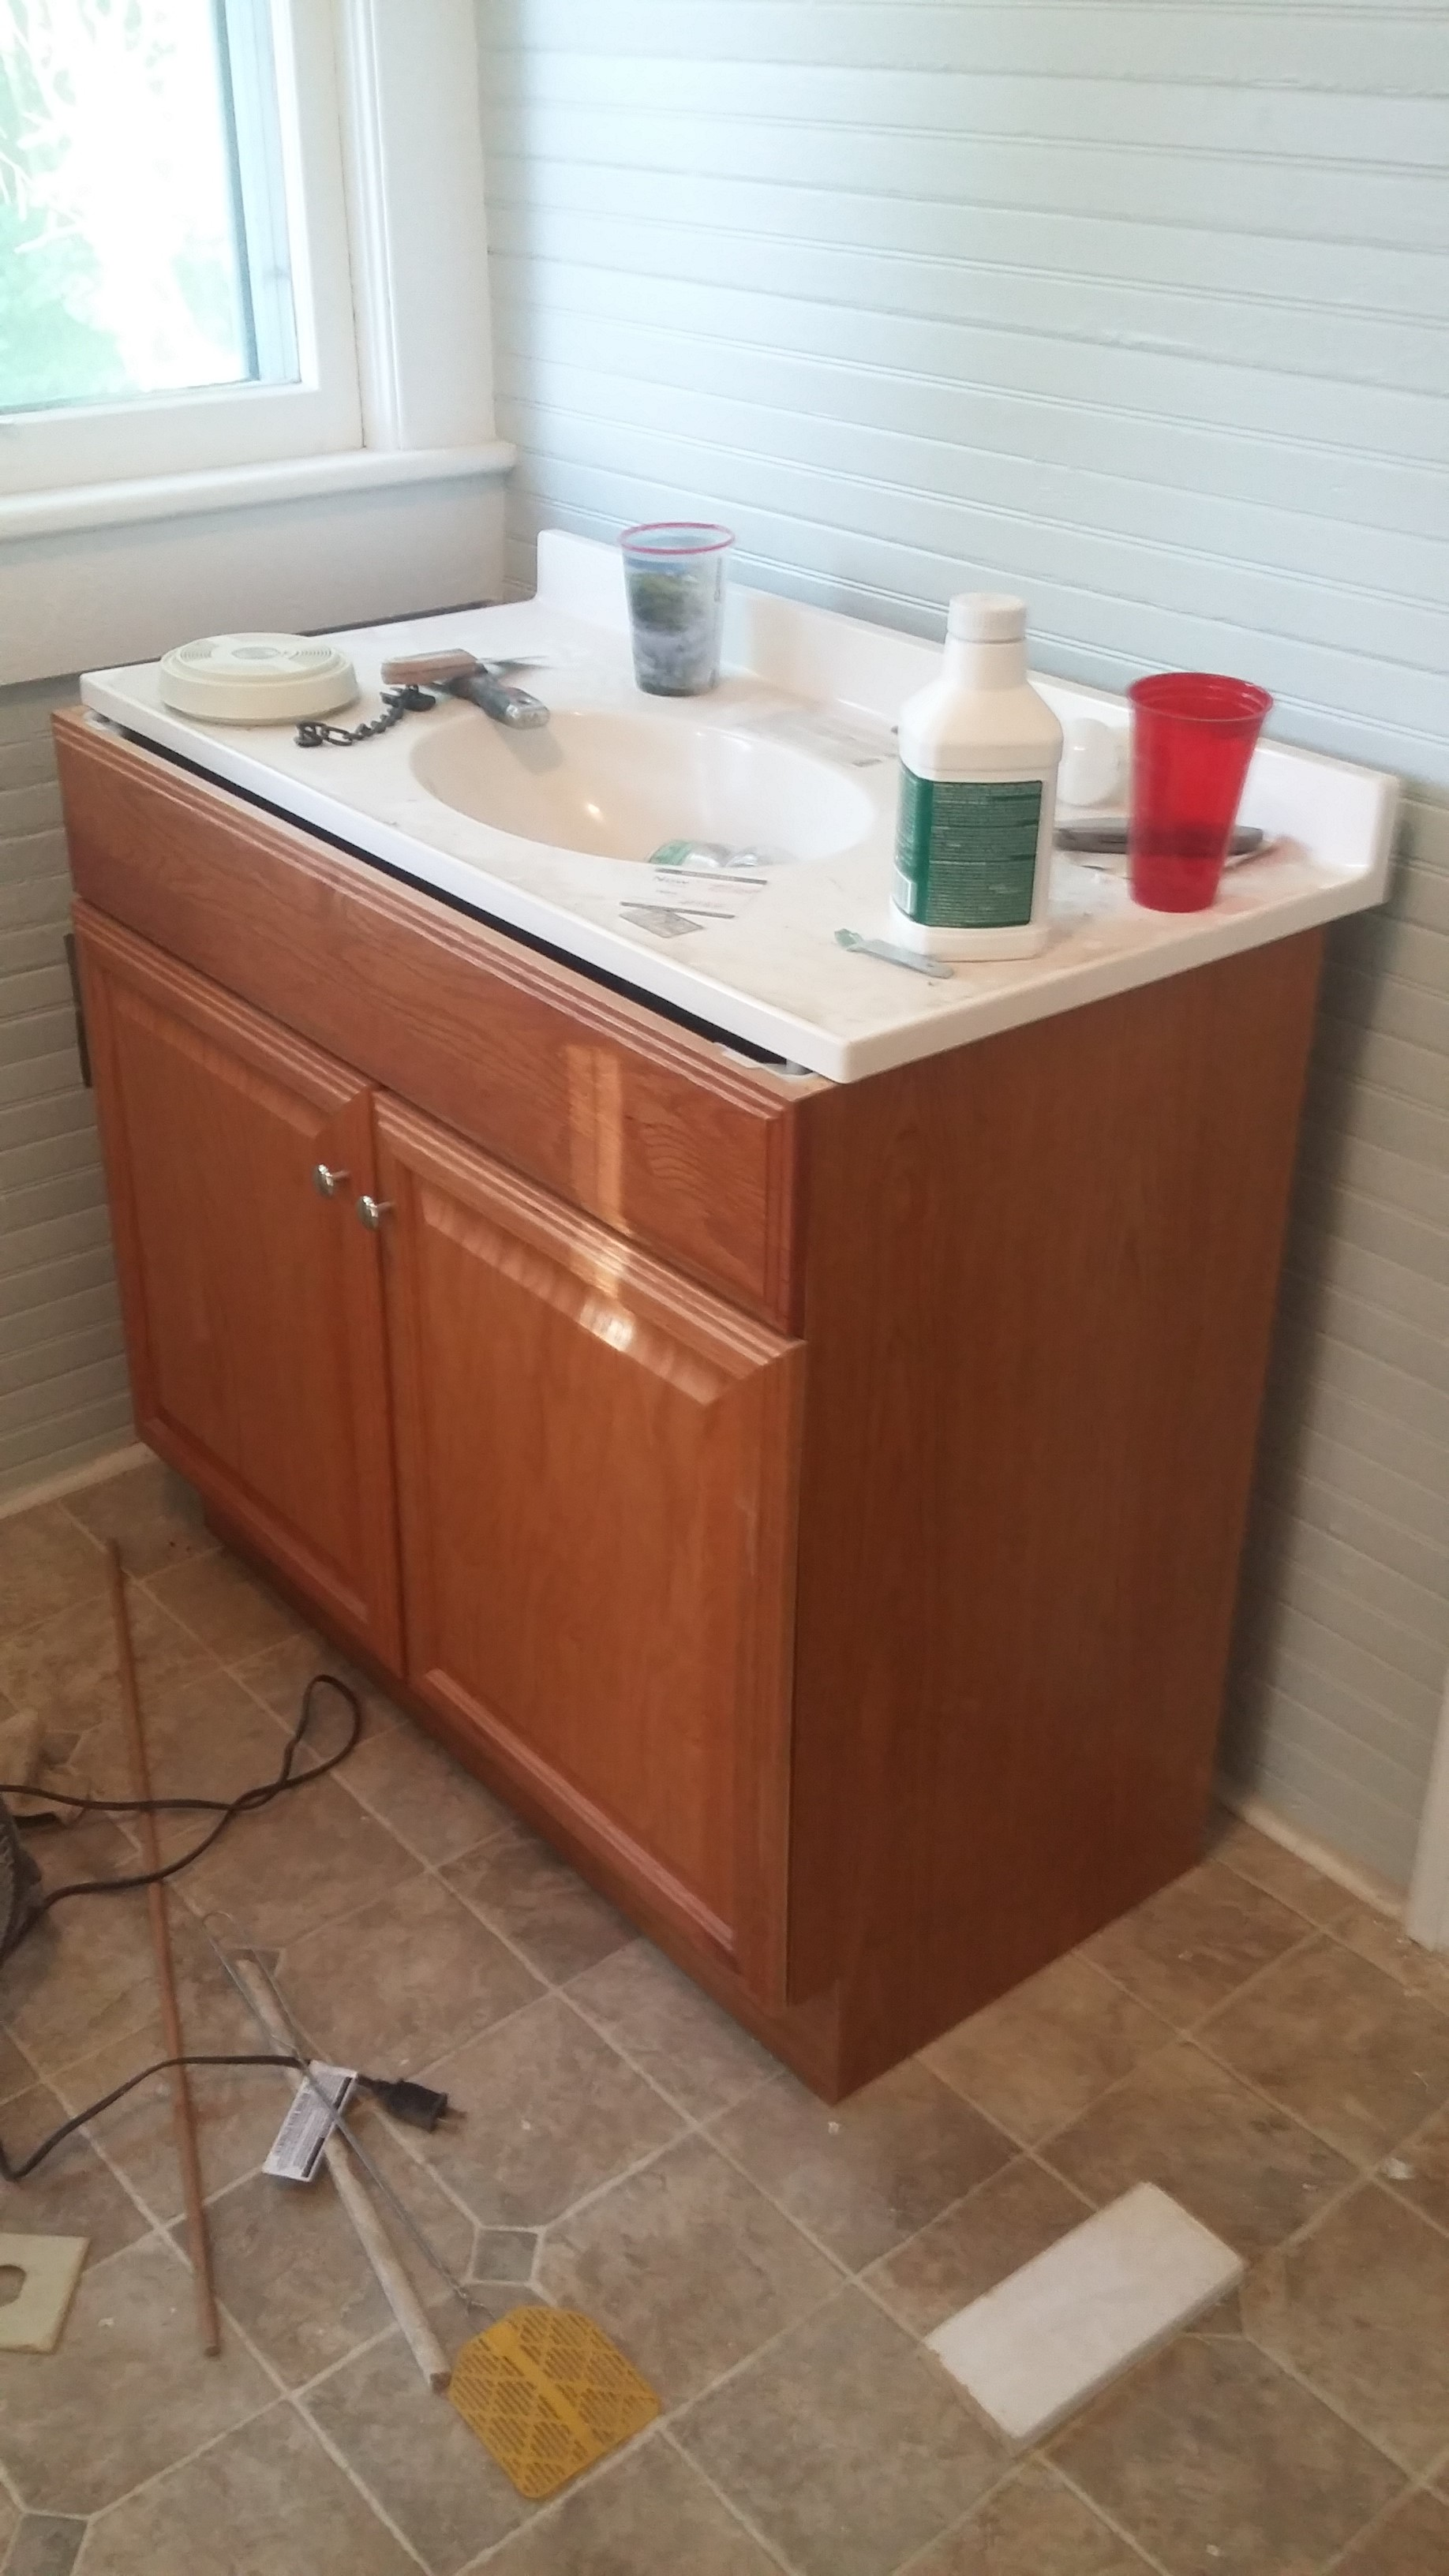 DIY Bathroom Vanity X Trim - Cheap Vanity Makeover Before